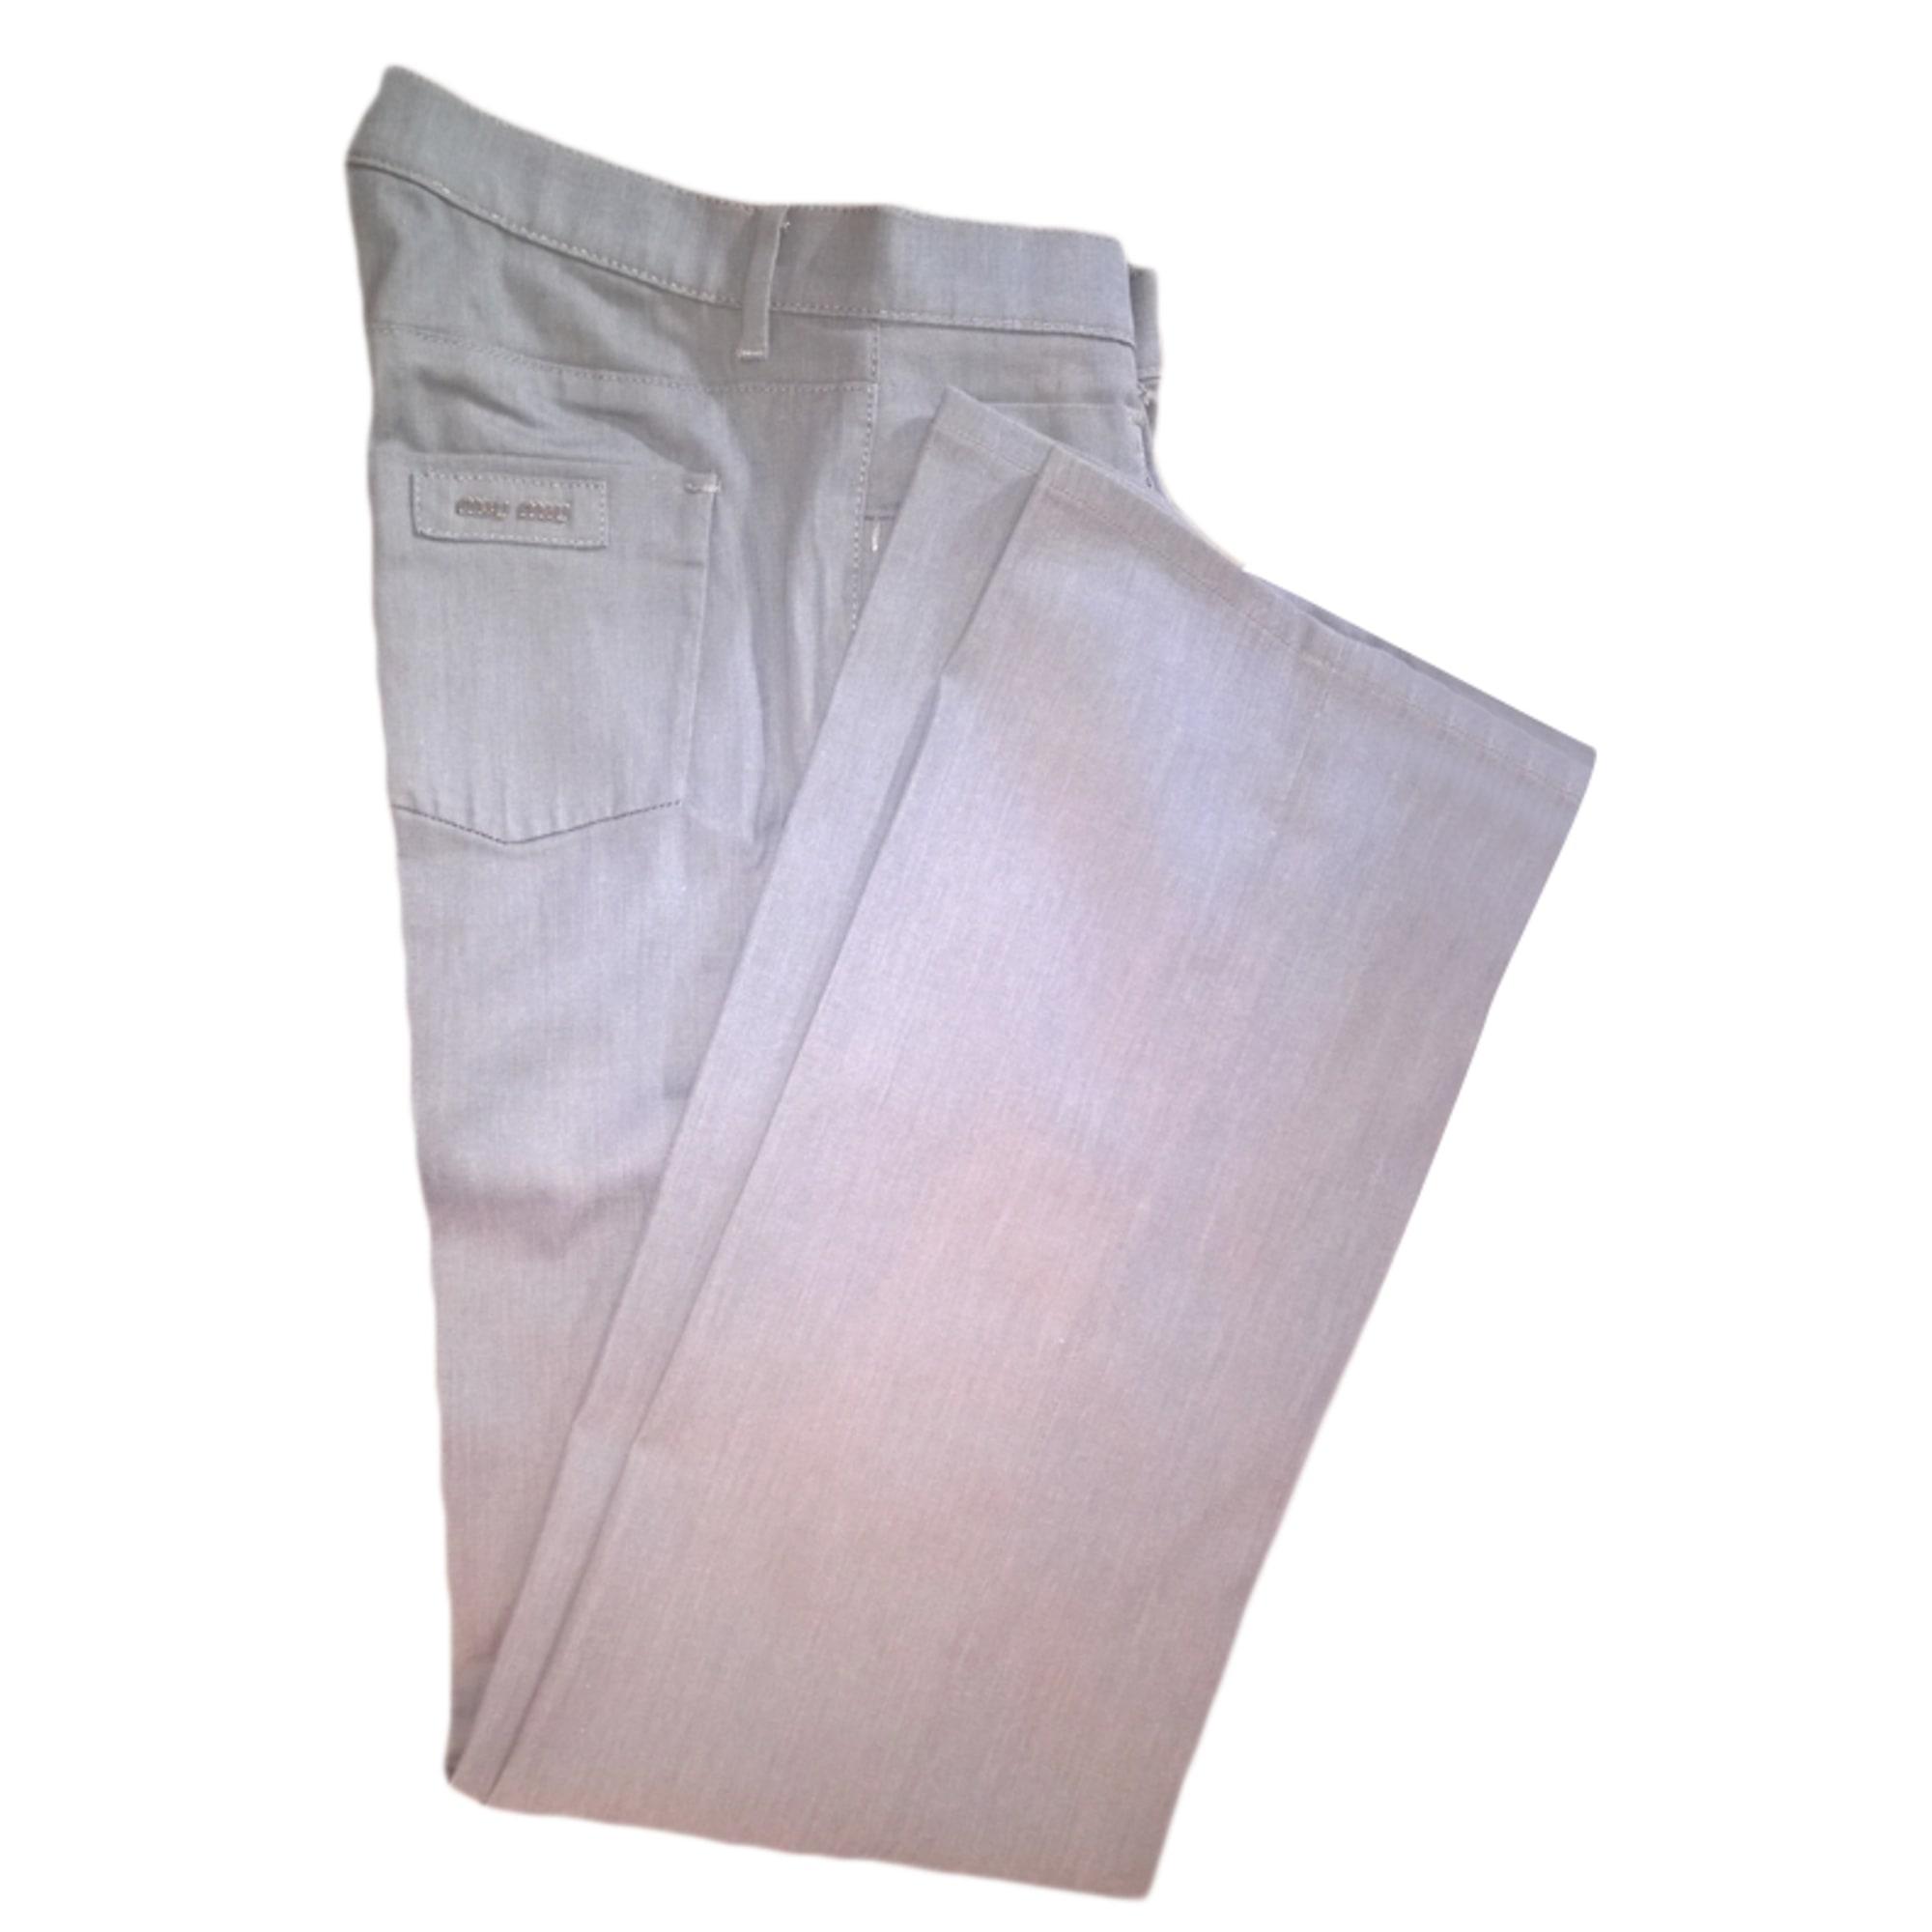 Pantalon droit MIU MIU Gris, anthracite